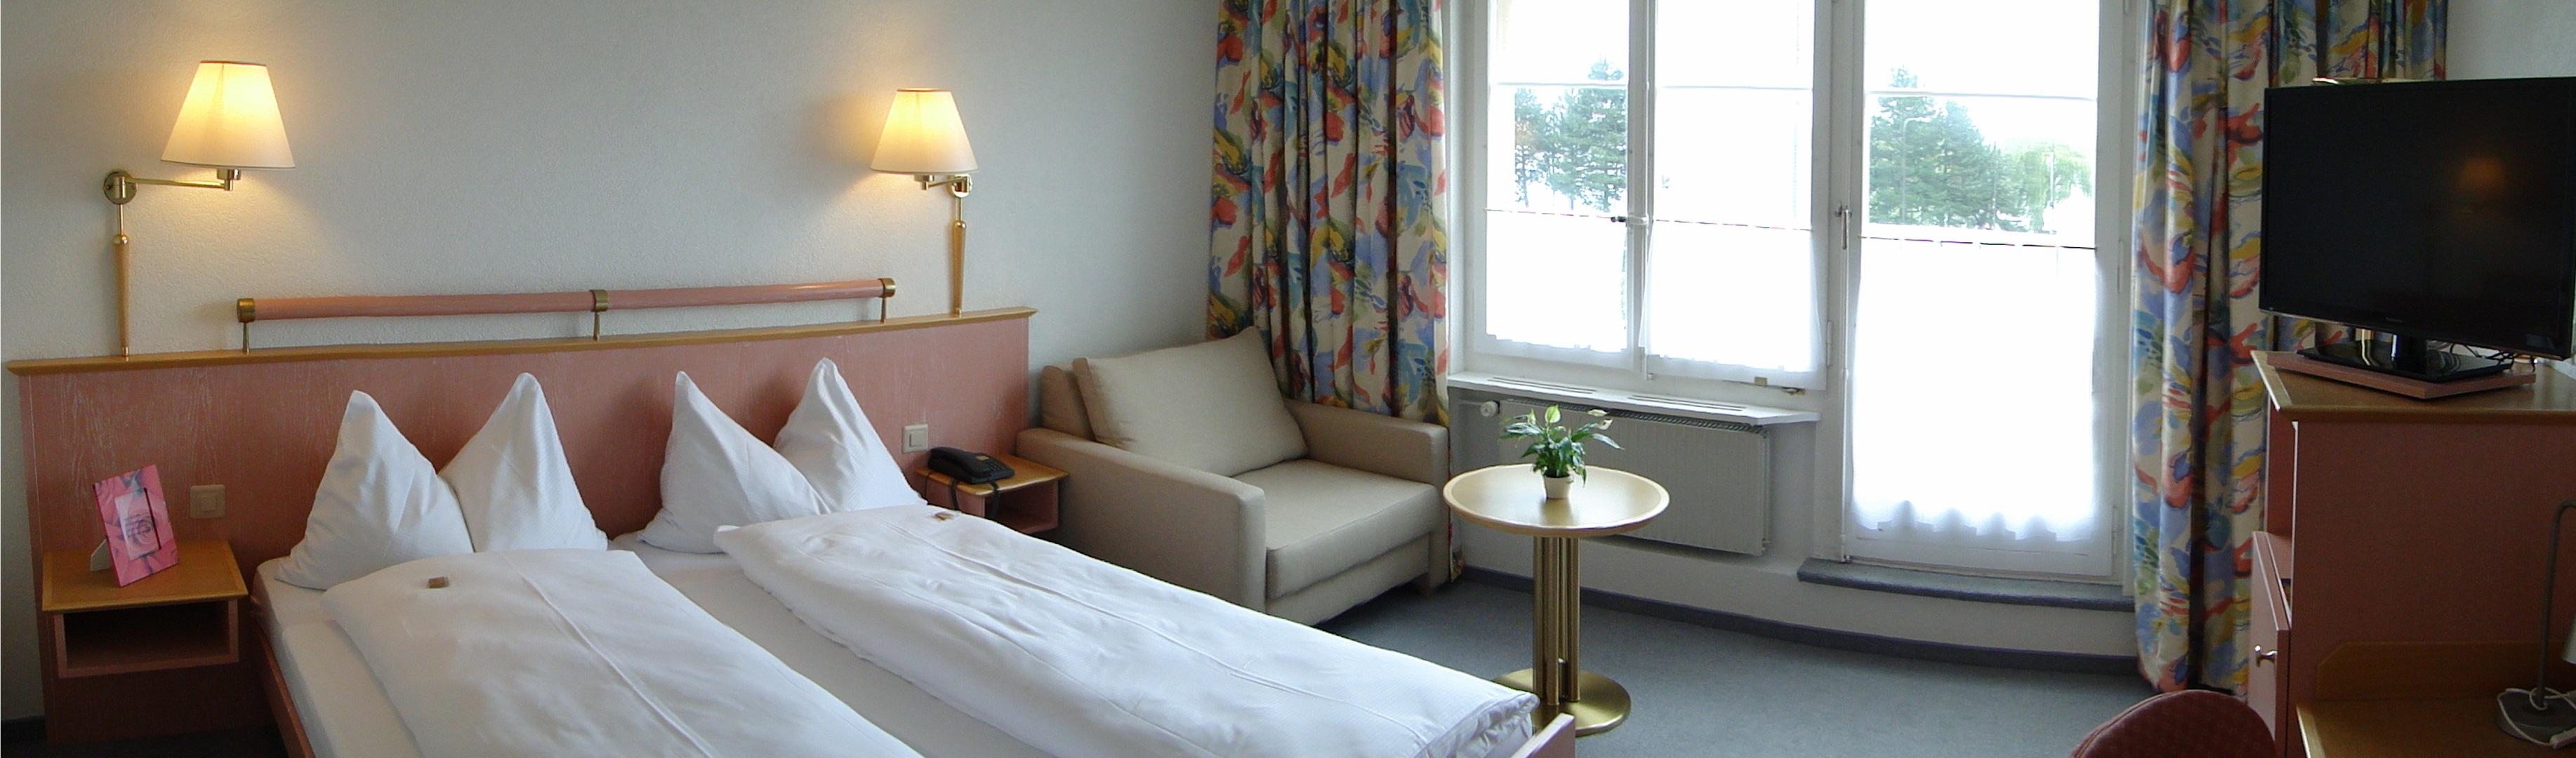 Chambre double supérieur | Hotel Bären Twann AG